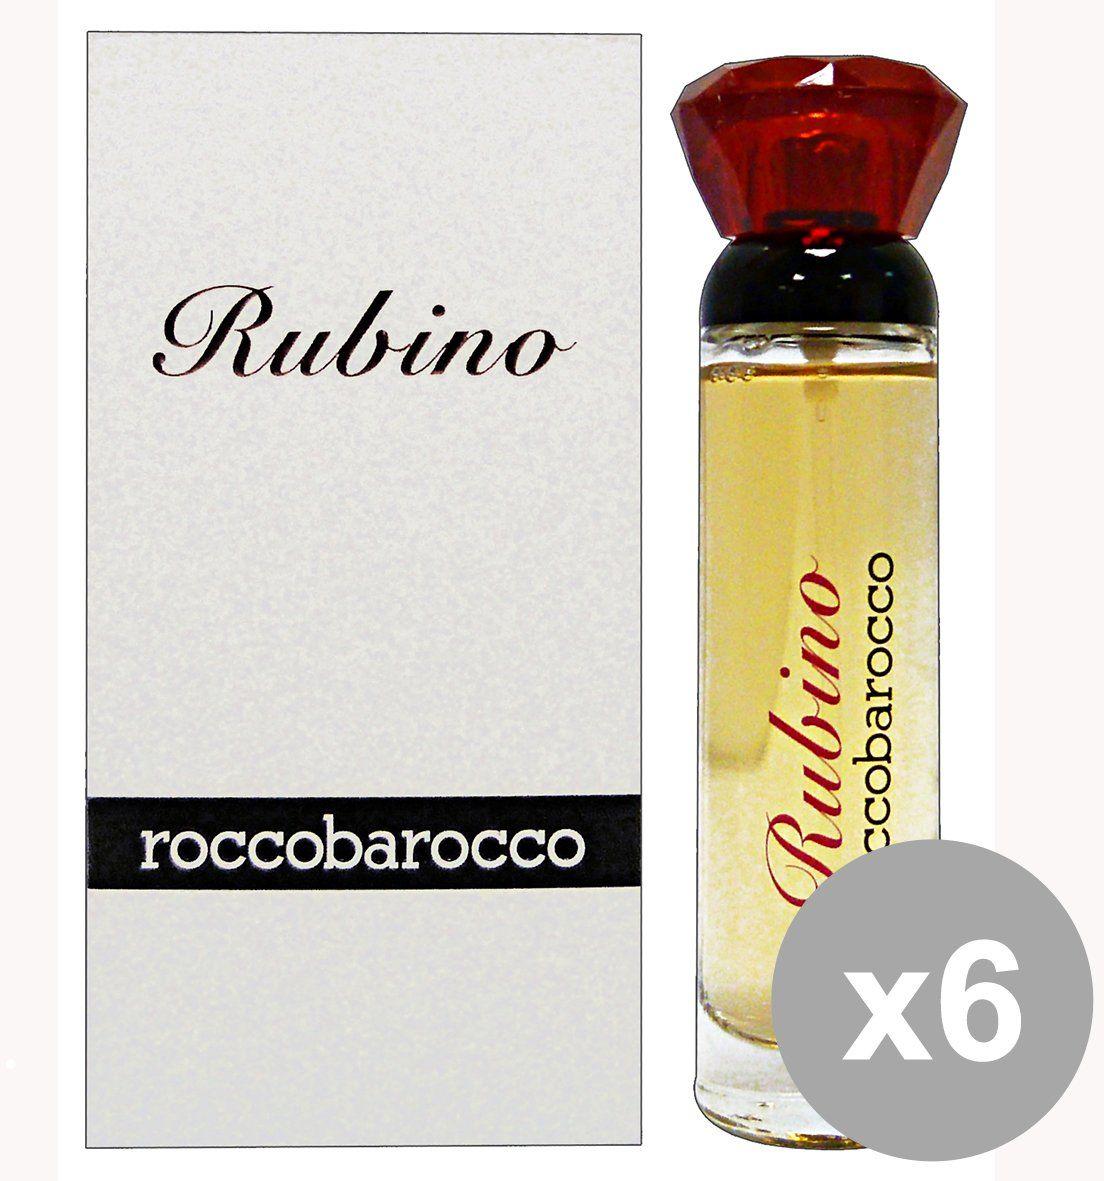 Roccobarocco Rubino woda toaletowa dla kobiet, 6 x 3000 g